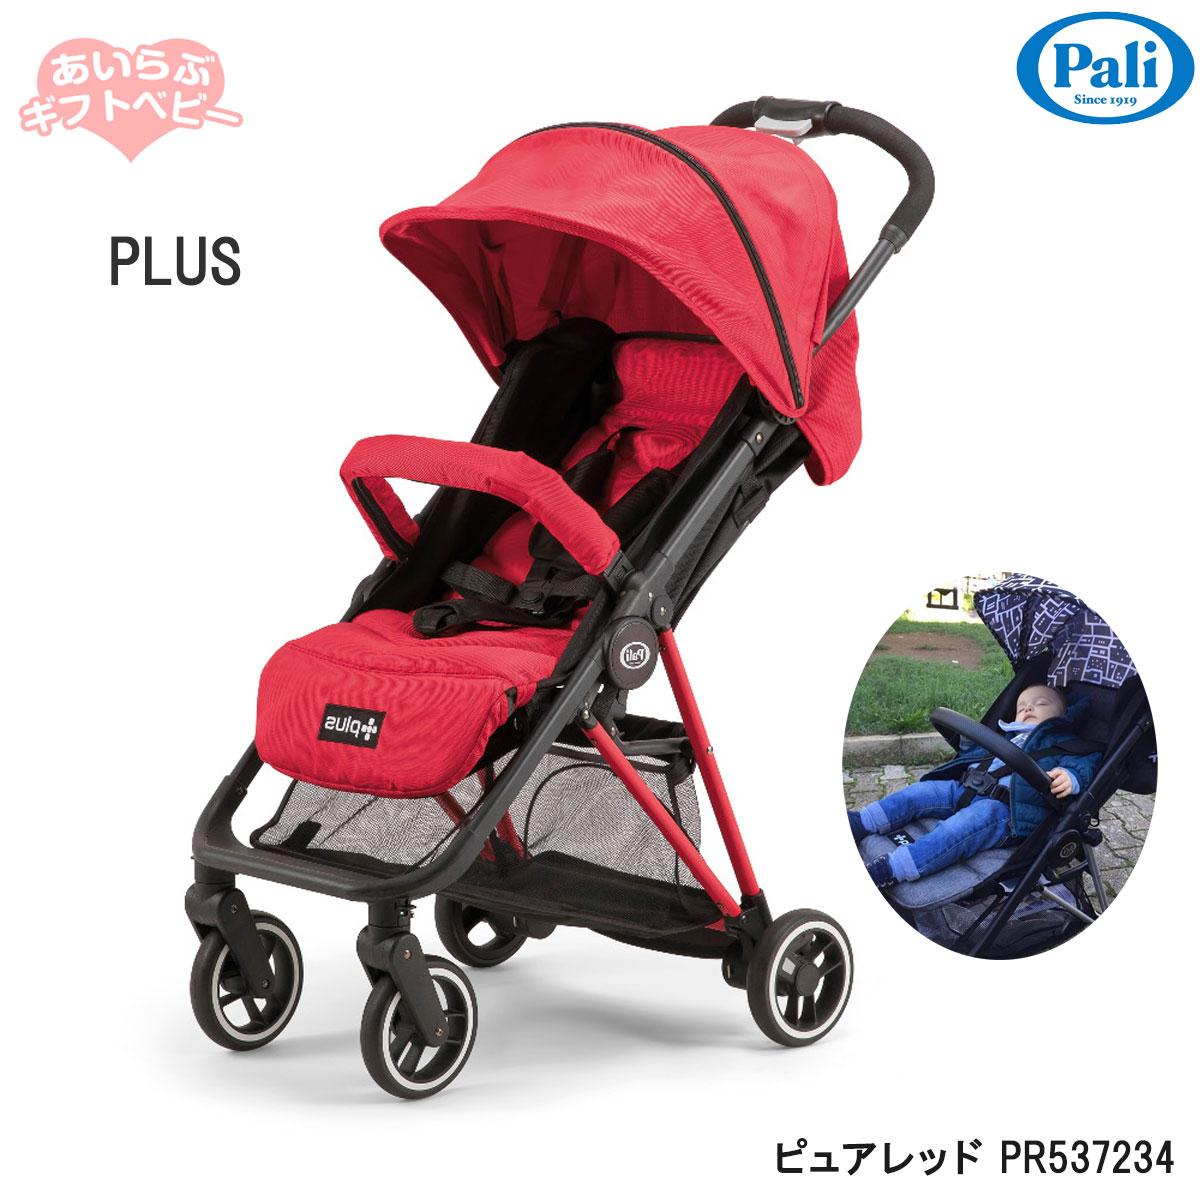 【送料無料】Pali Japan プラス(PLUS) ピュアレッドPR537234/A型コンパクト収納タイプベビーカー/パーリ 赤ちゃん 【1ヶ月~36ヶ月頃まで】